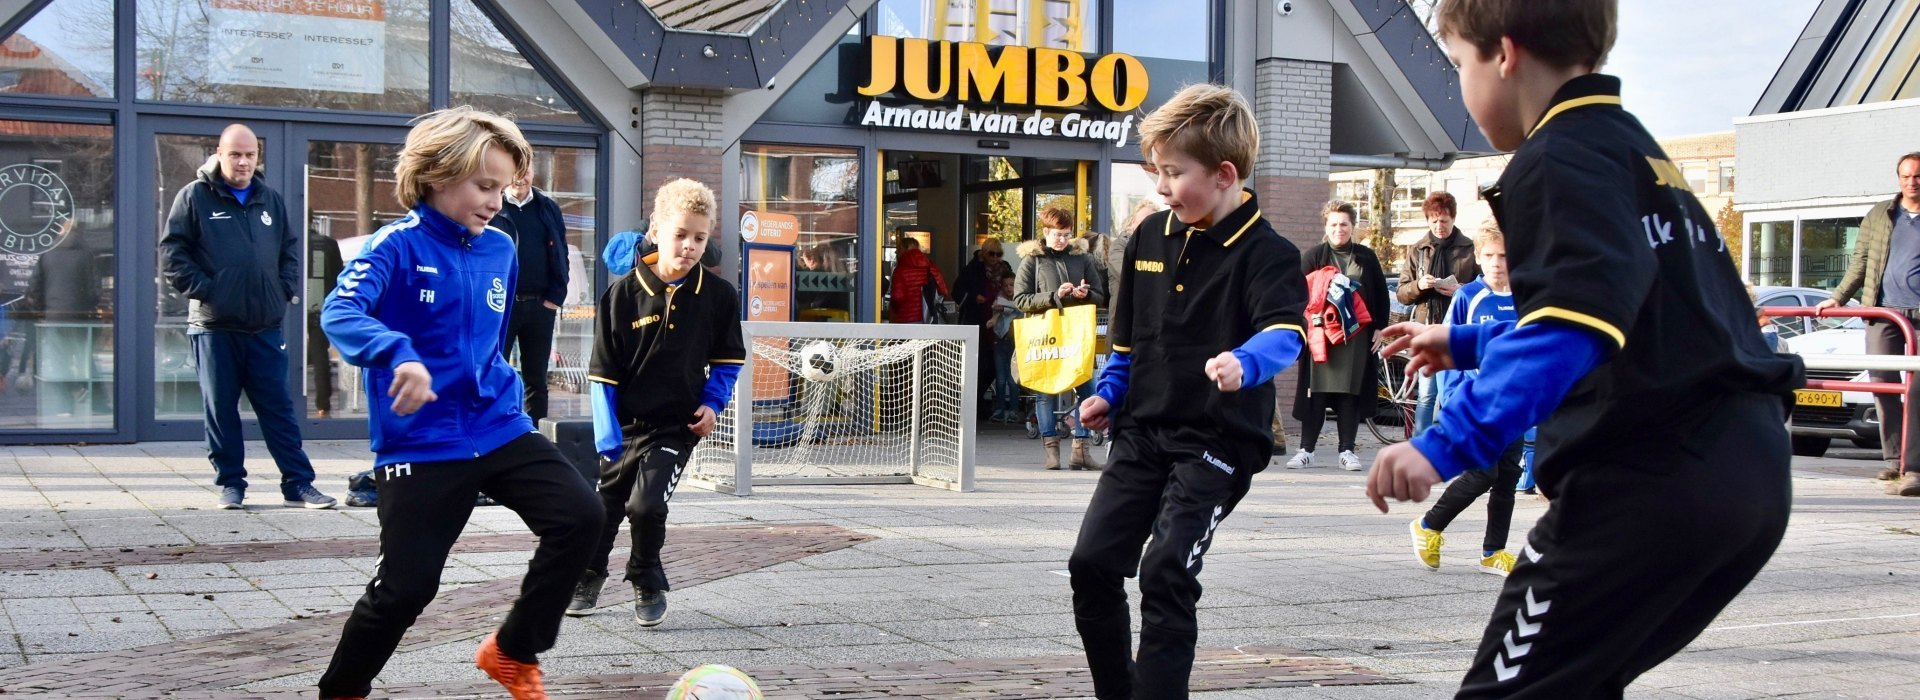 Jumbo-actie gestart